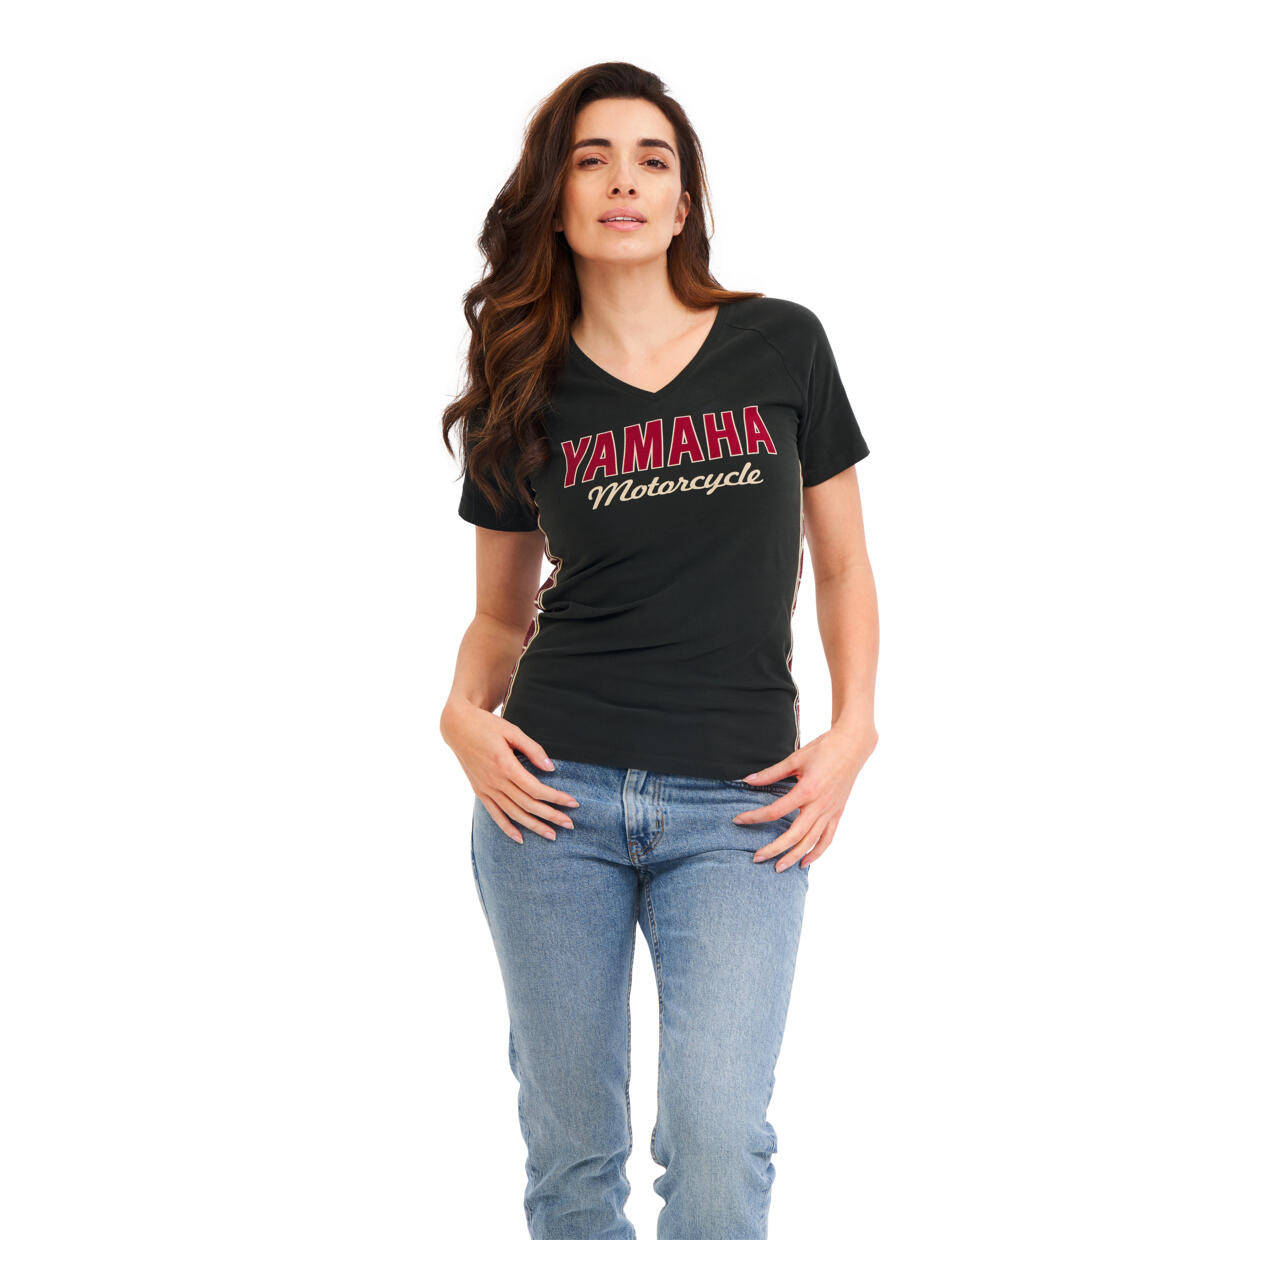 YAMAHA T-shirt femme Faster Sons noir 2021